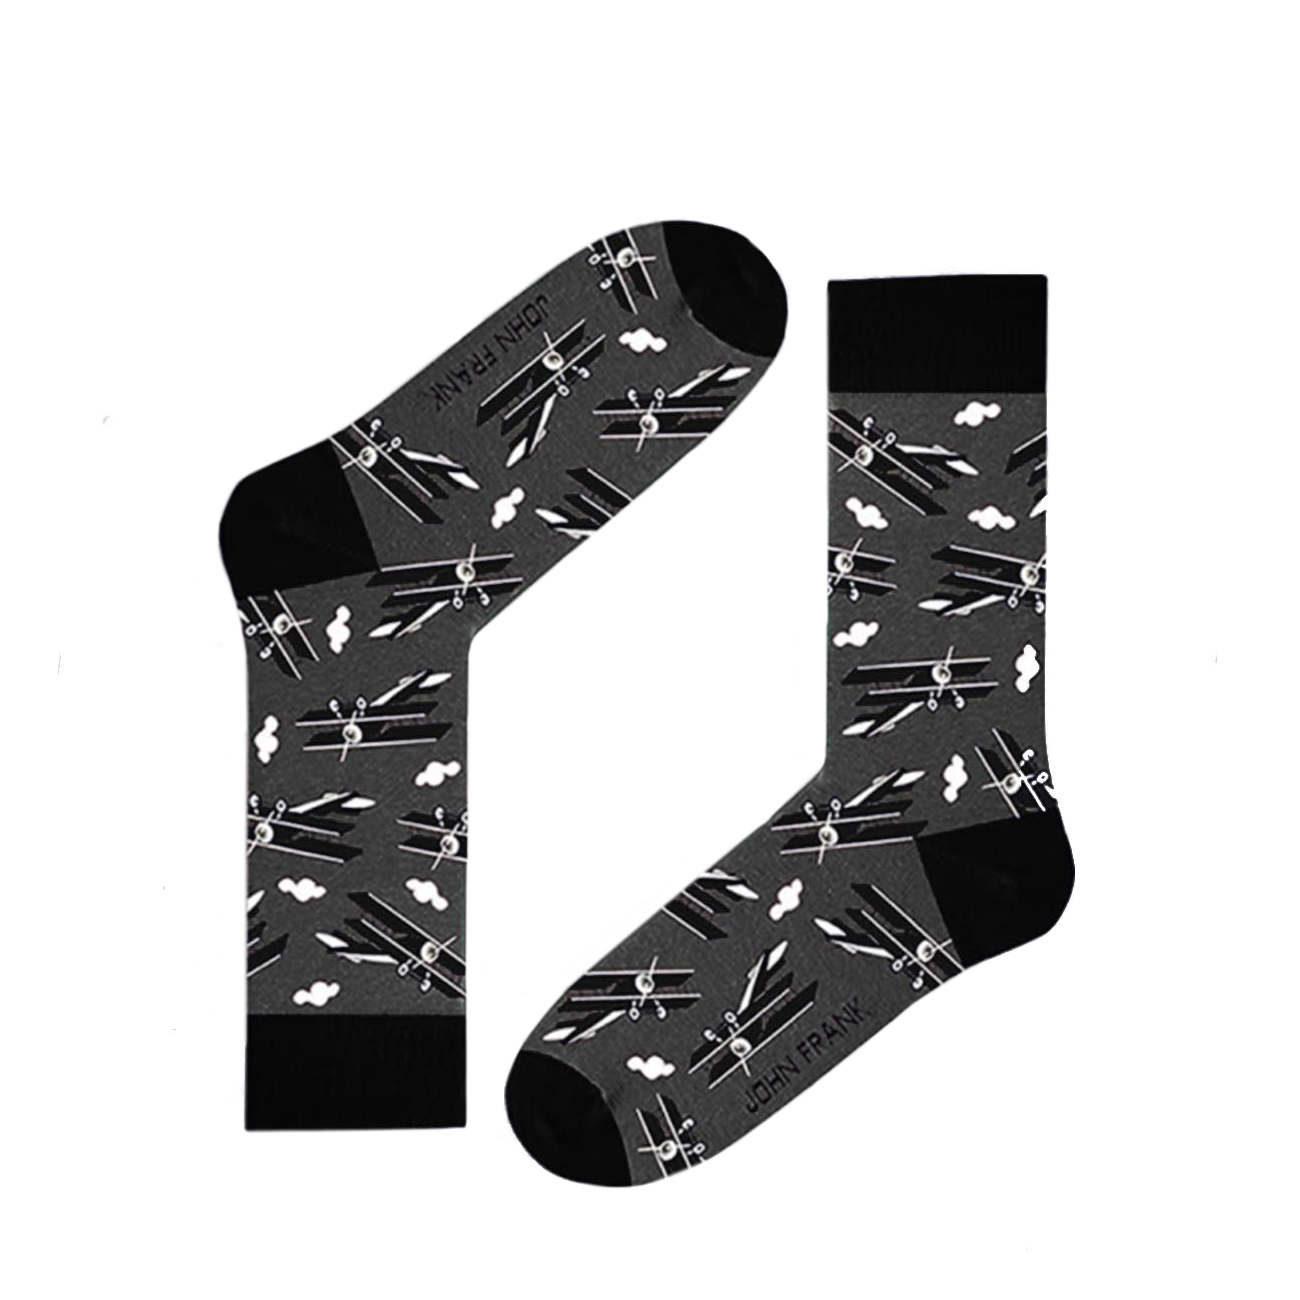 Ανδρική κάλτσα John Frank JFLSF19W40 γκρι